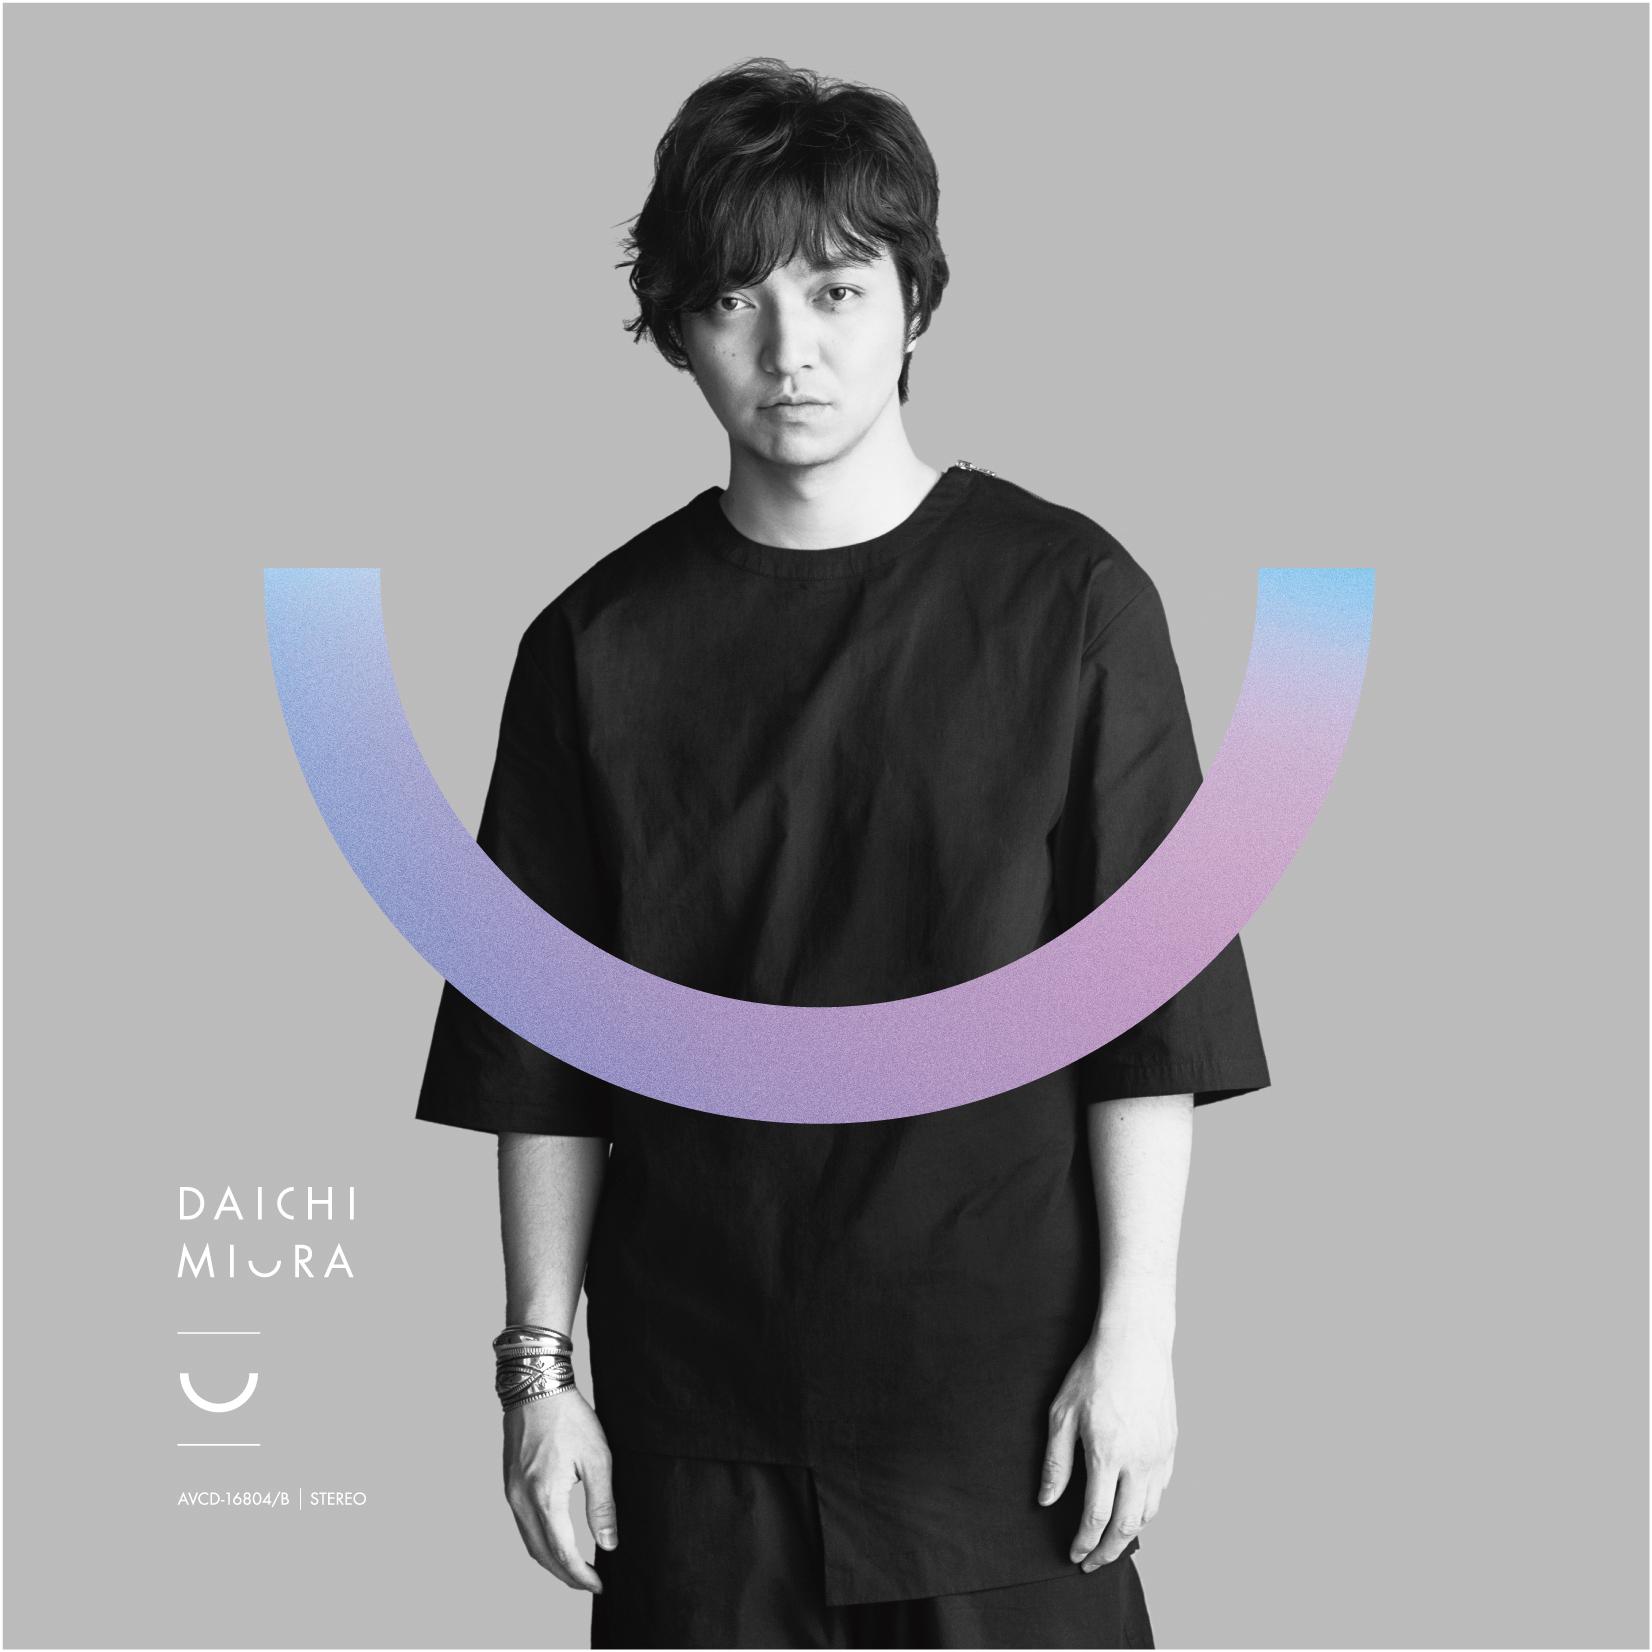 「U」Music Video盤